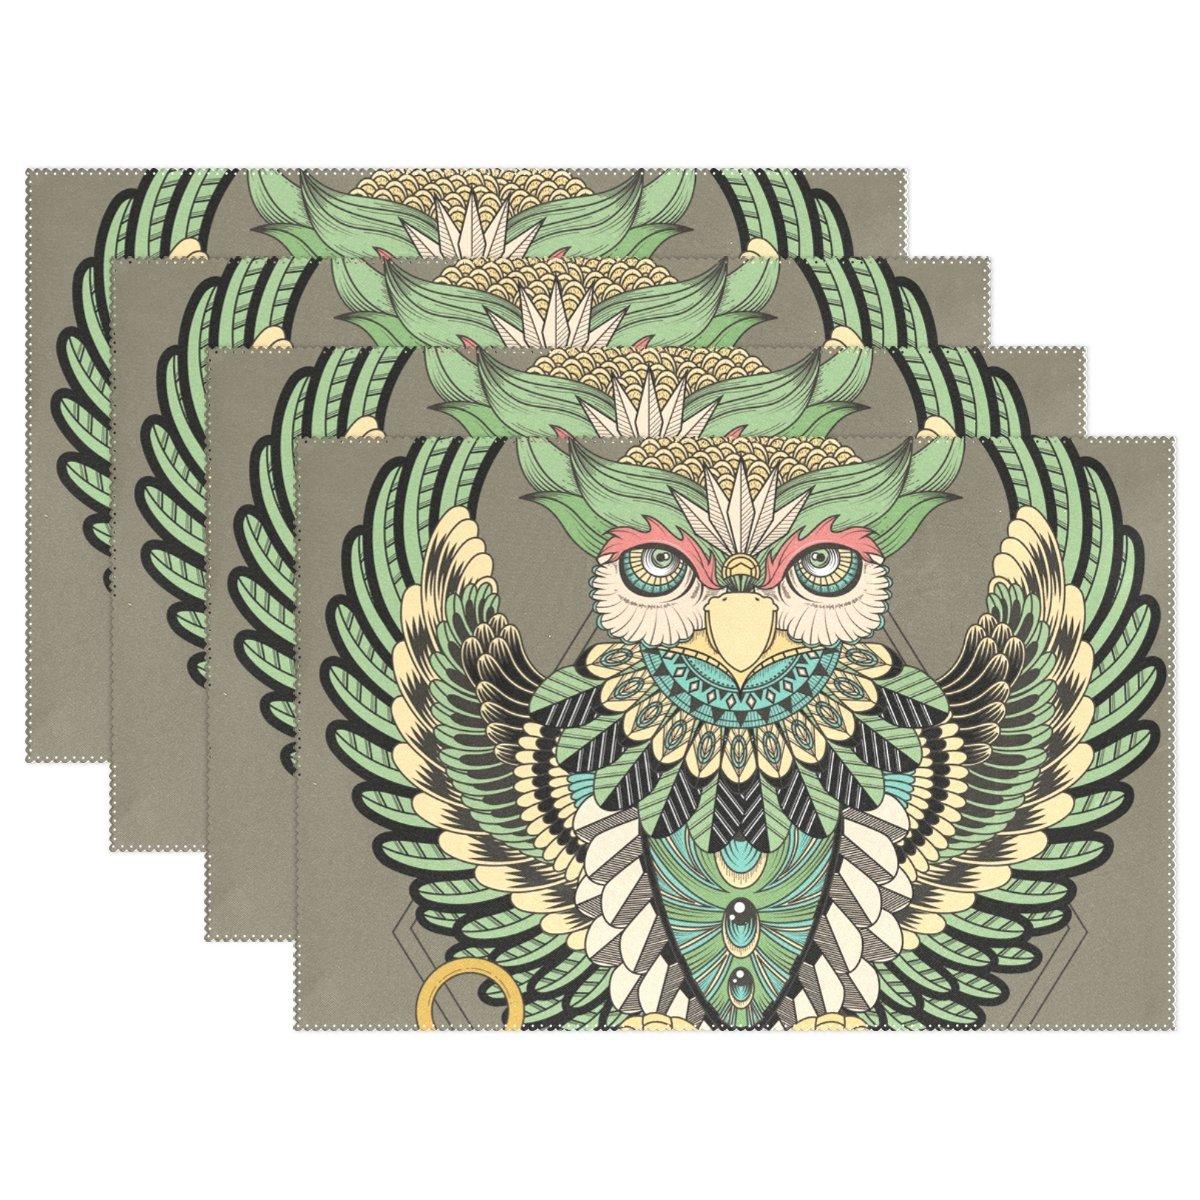 ネイティブアメリカンインディアンアートプリントプレースマットテーブルマット、12